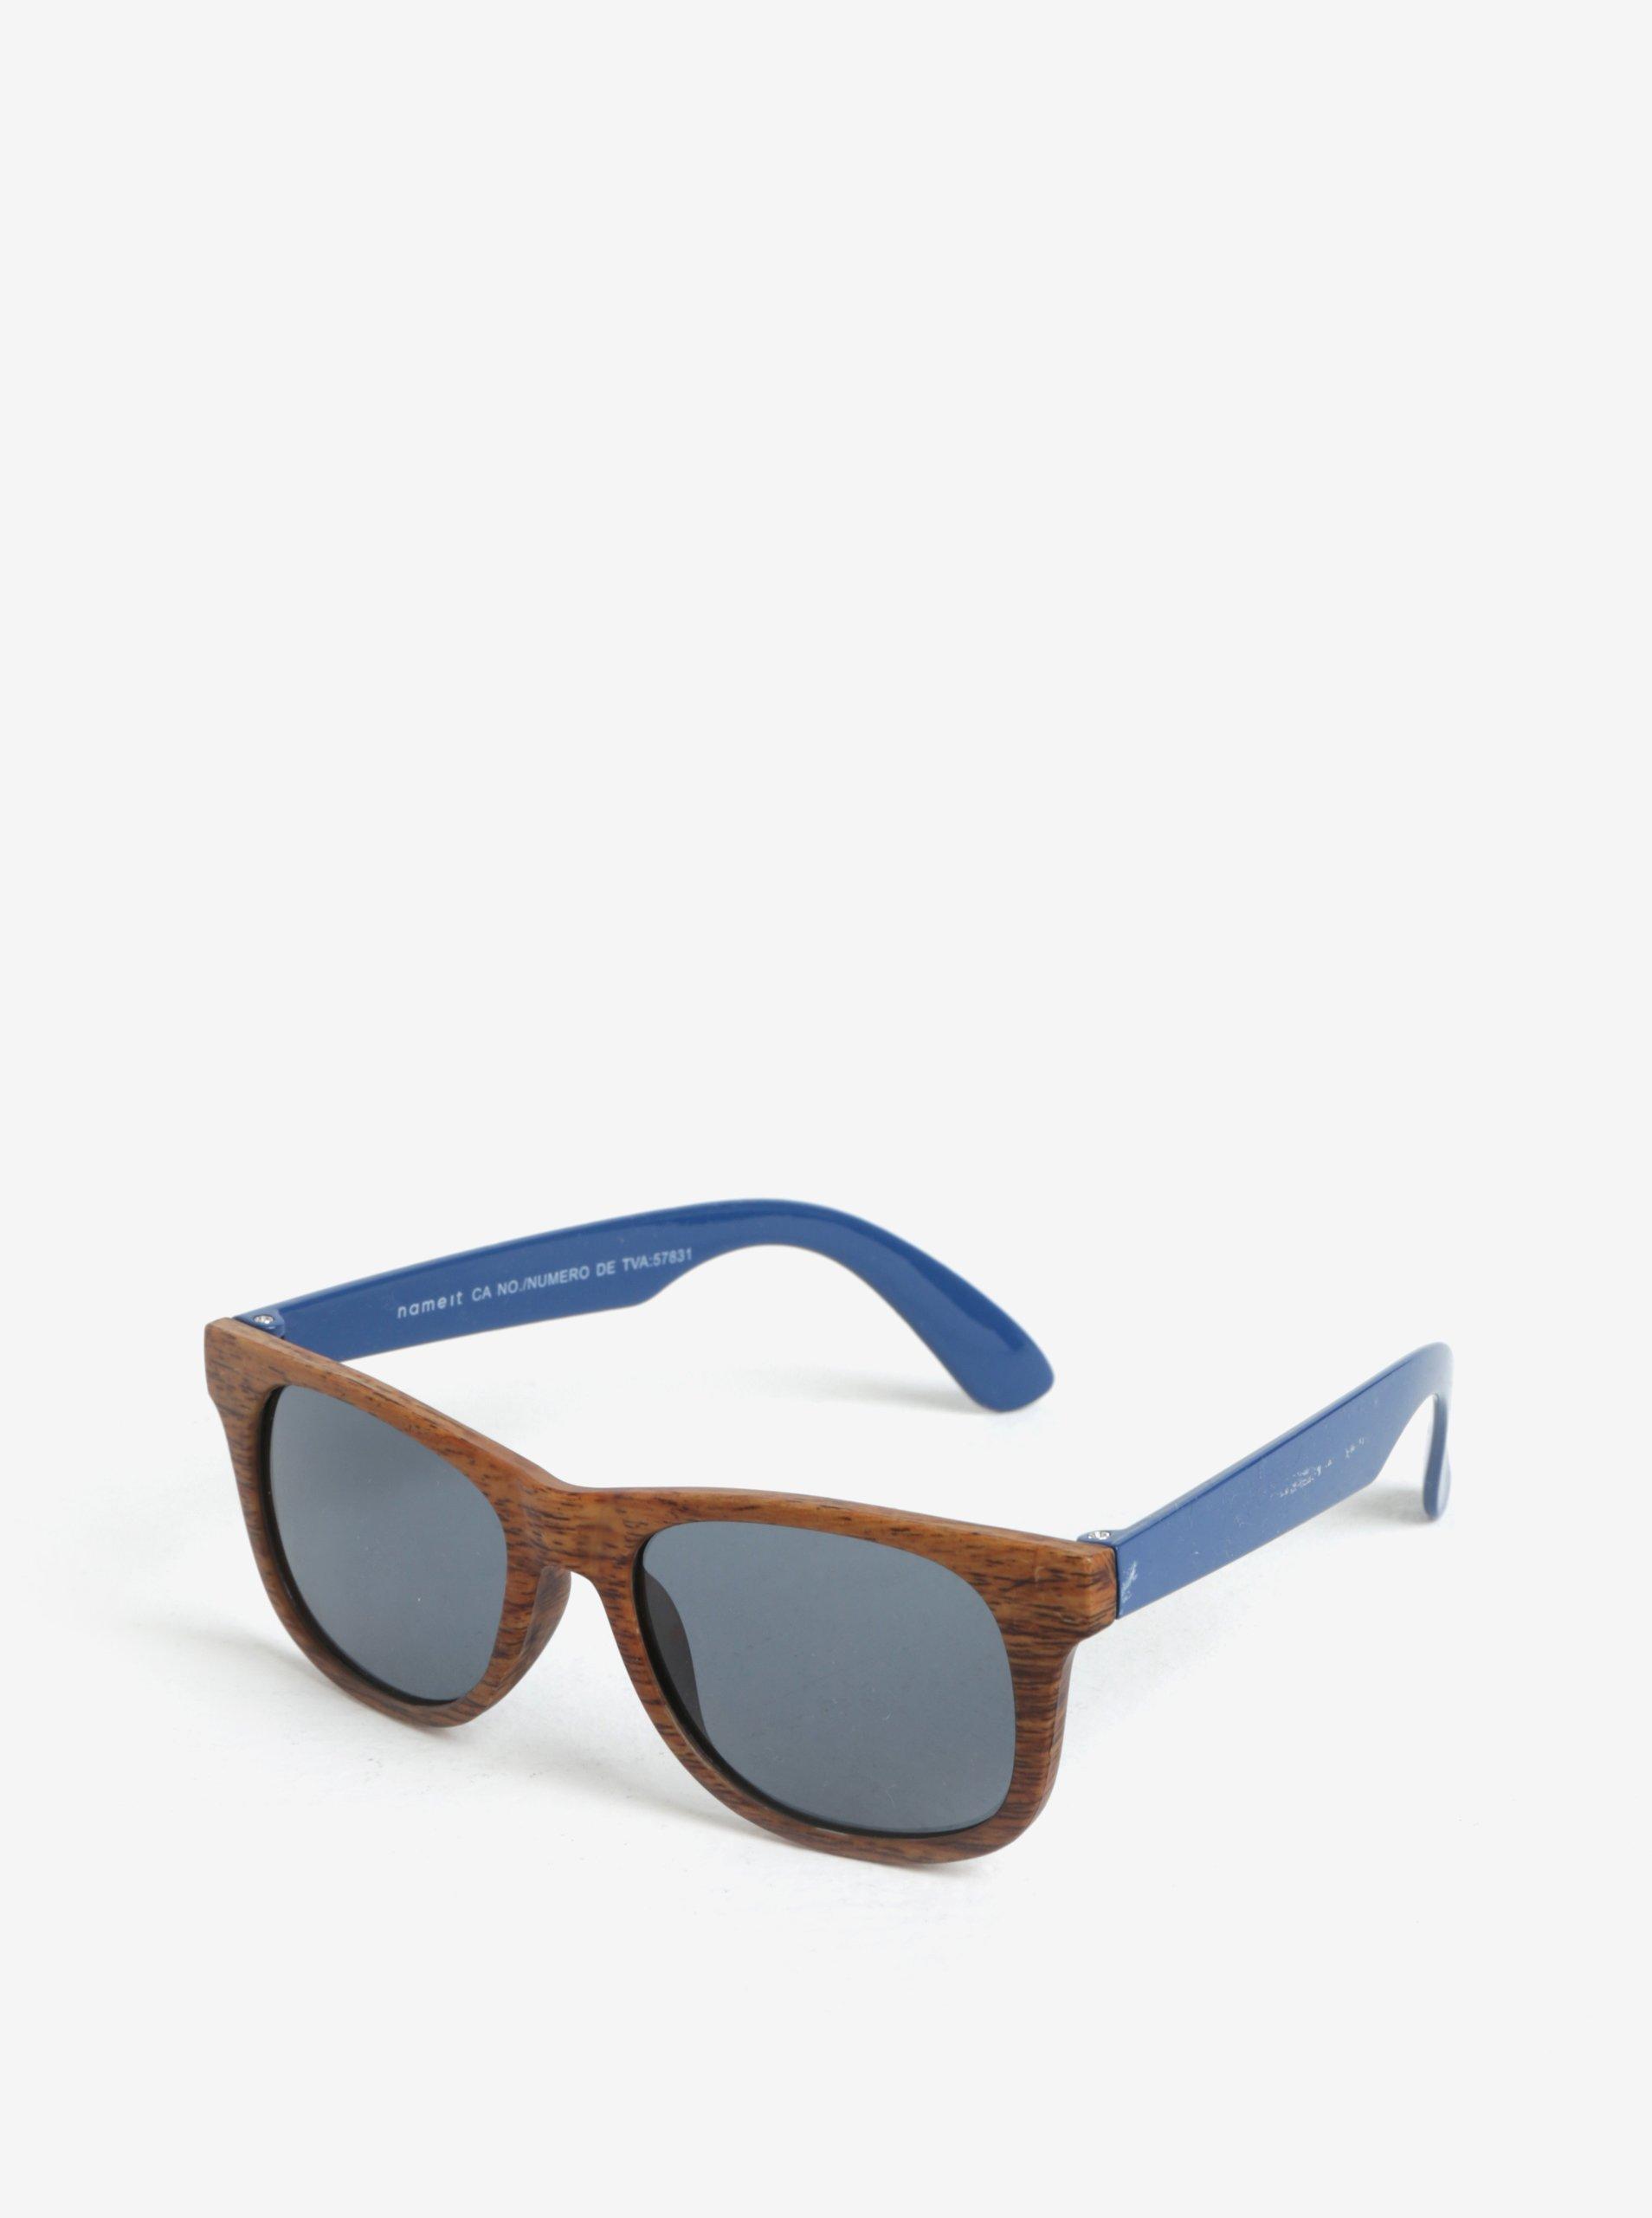 Modro-hnedé dievčenské slnečné okuliare name it Sun  88360bbc96a